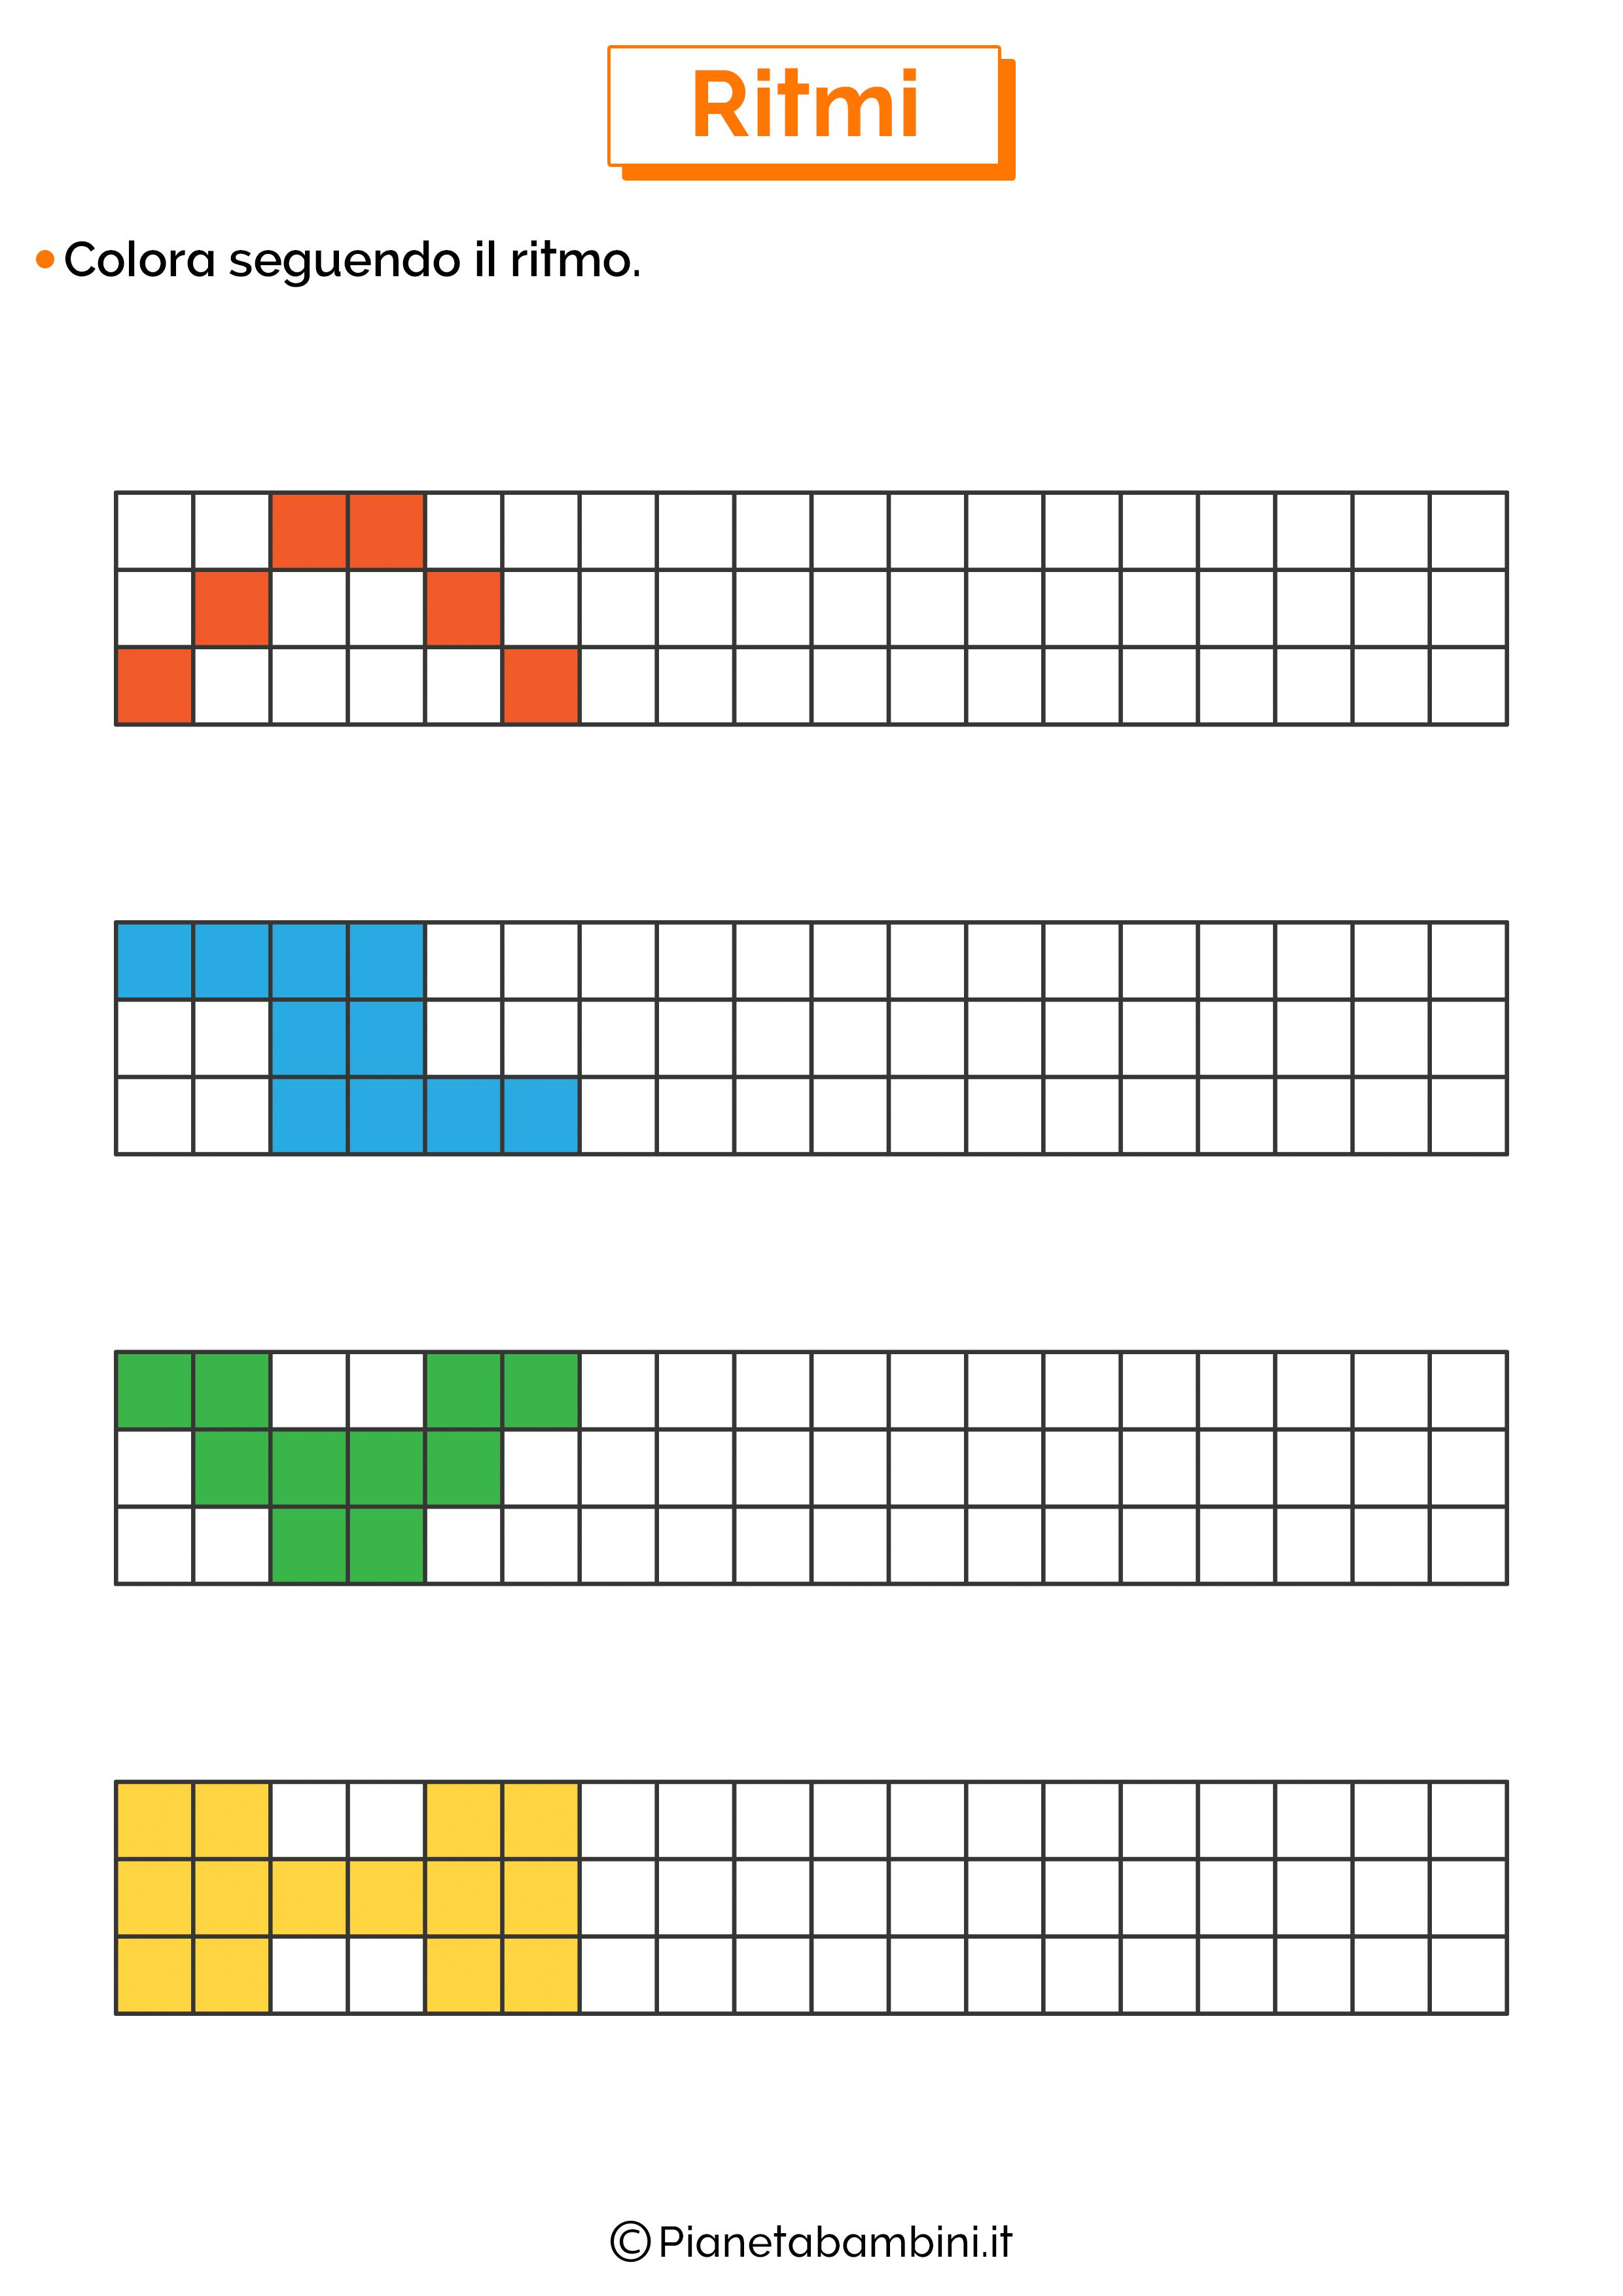 Esercizi sui ritmi da colorare 4